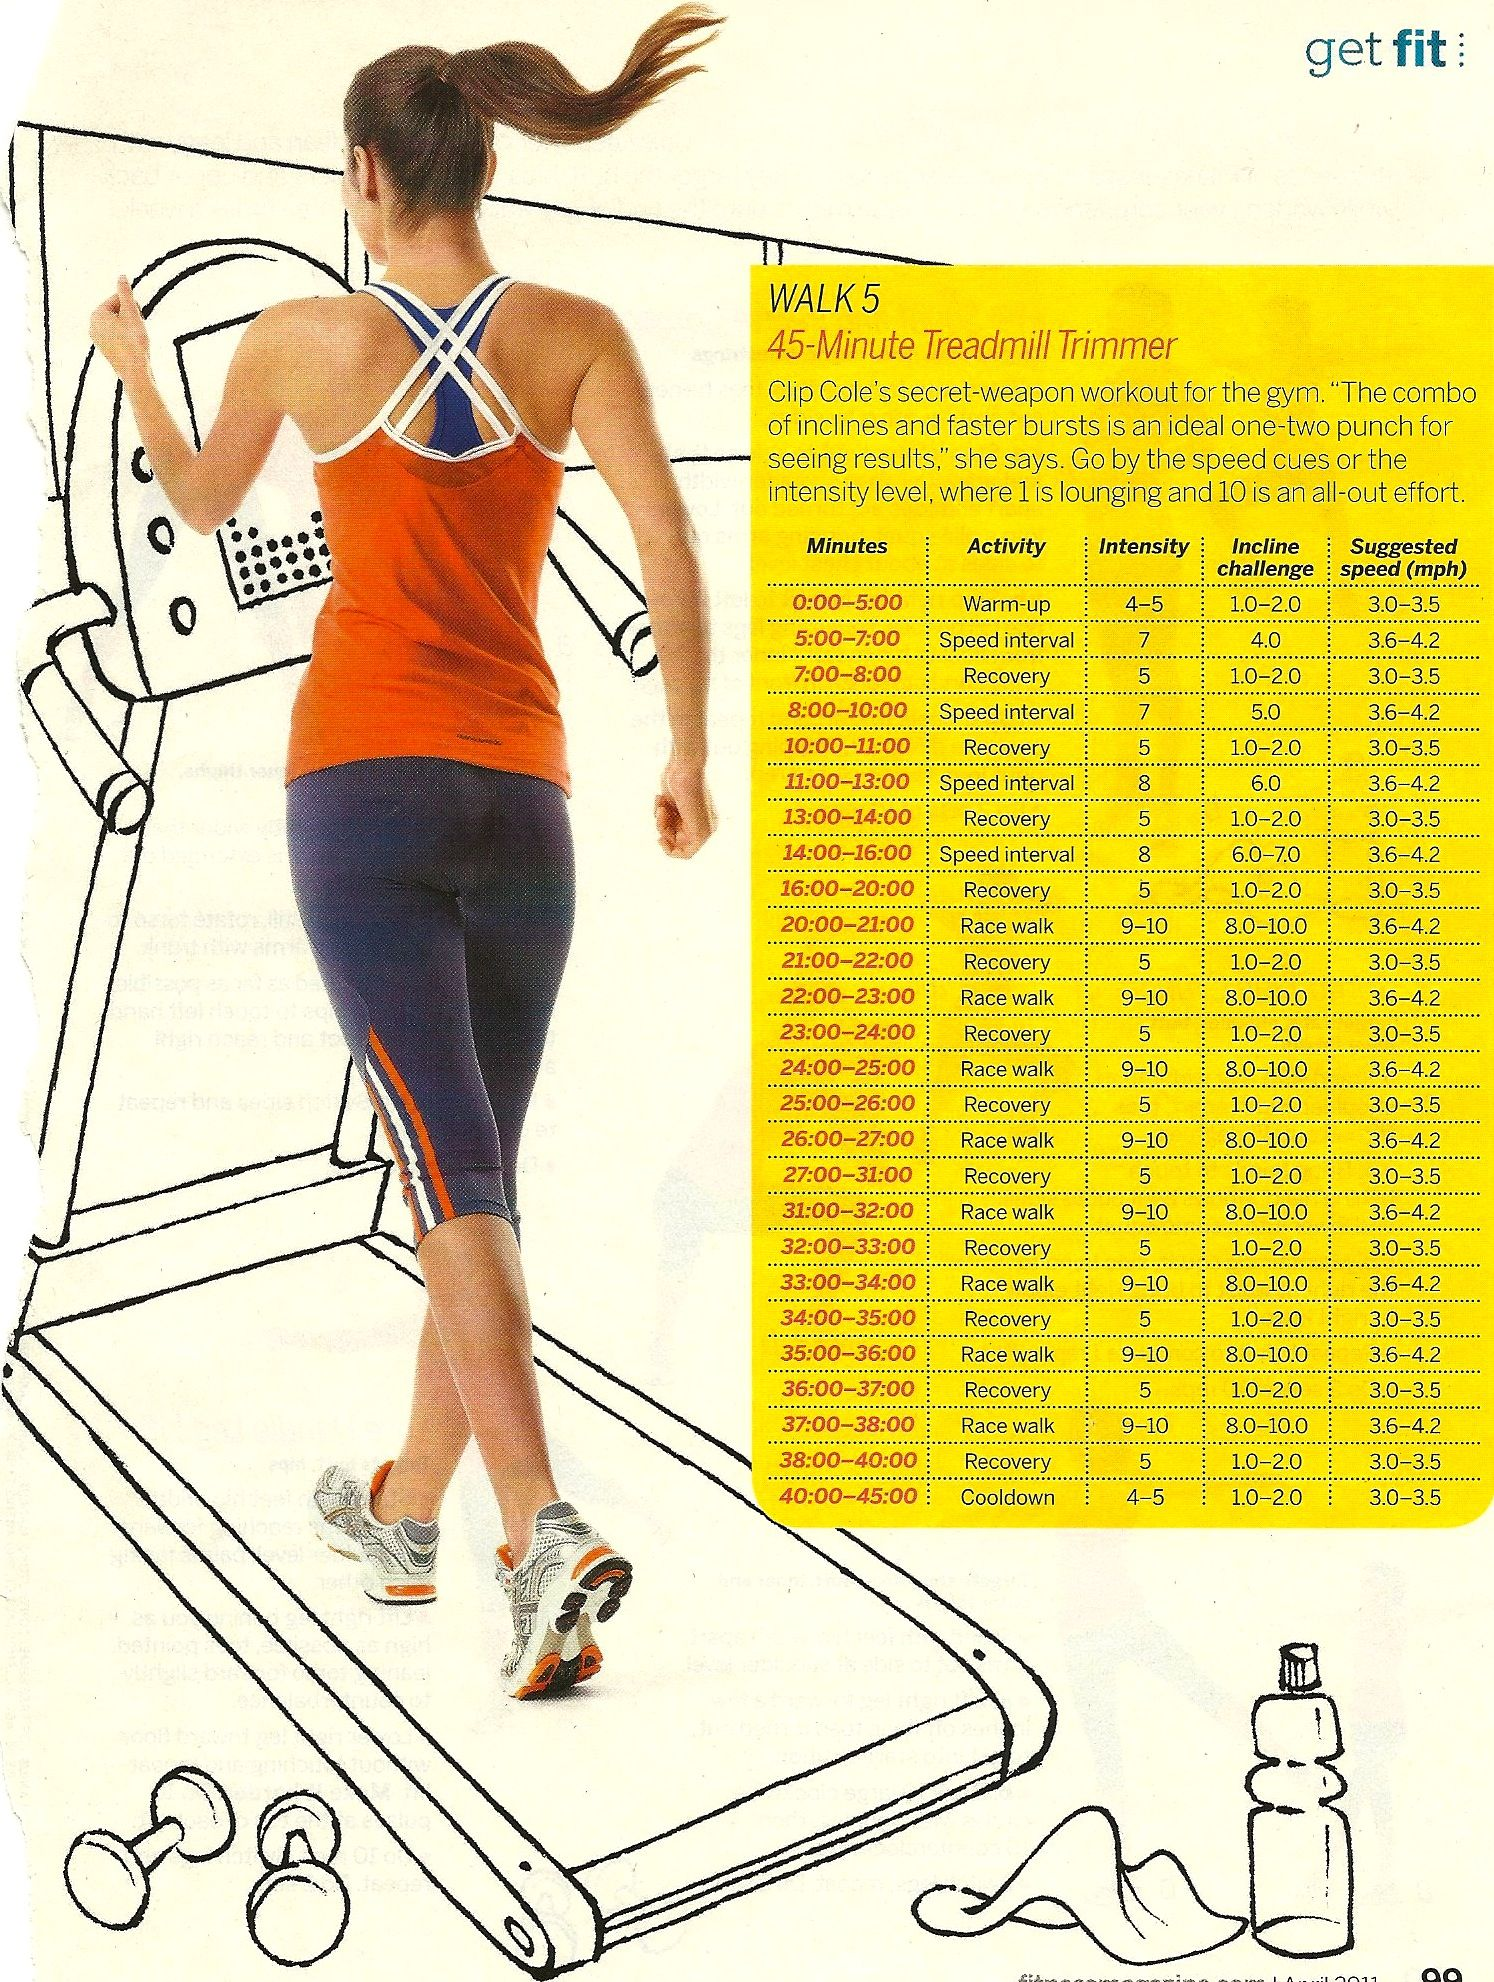 The Fat Burning Walking Workout Plan